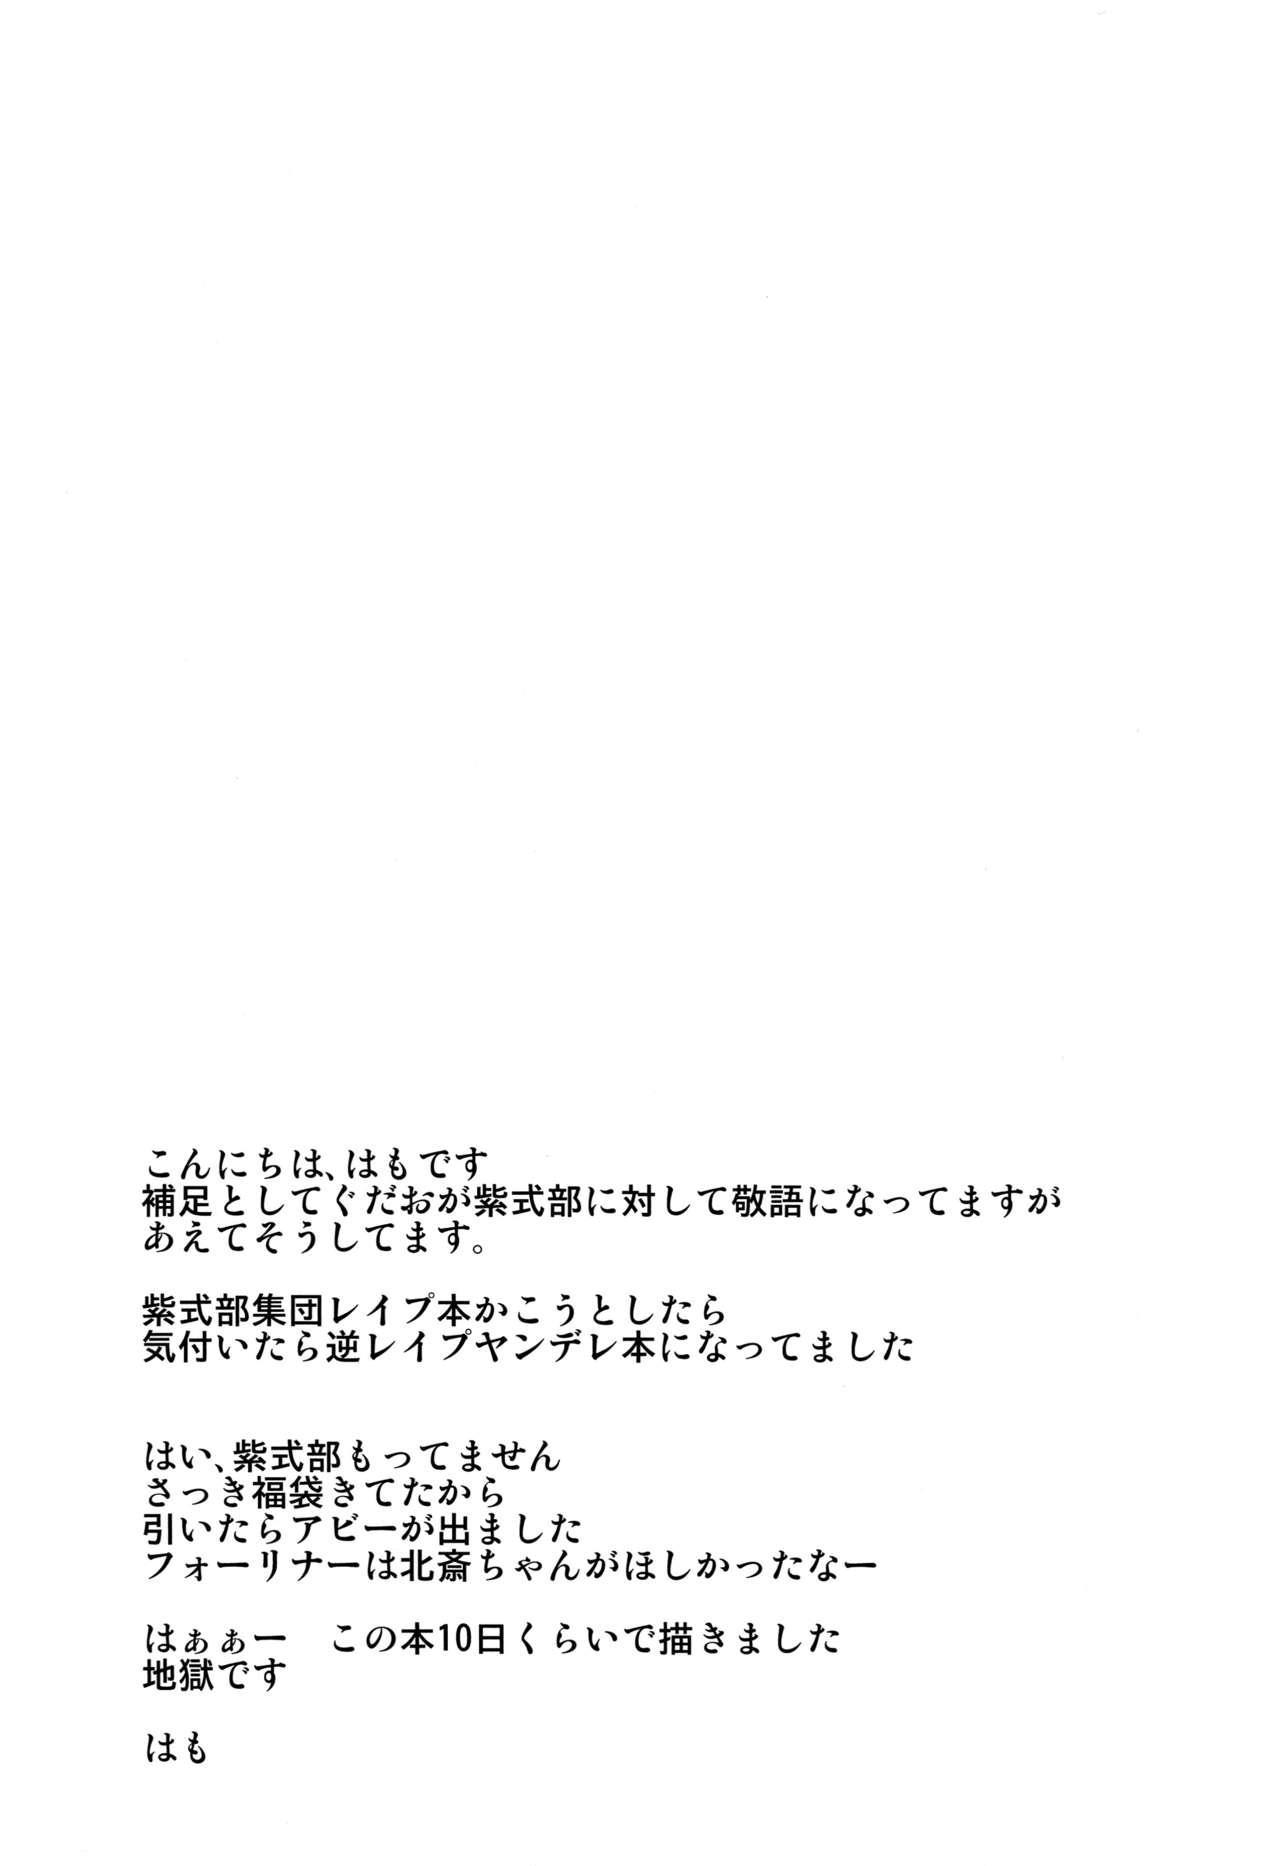 Murasaki Shikibu Midaregami 23